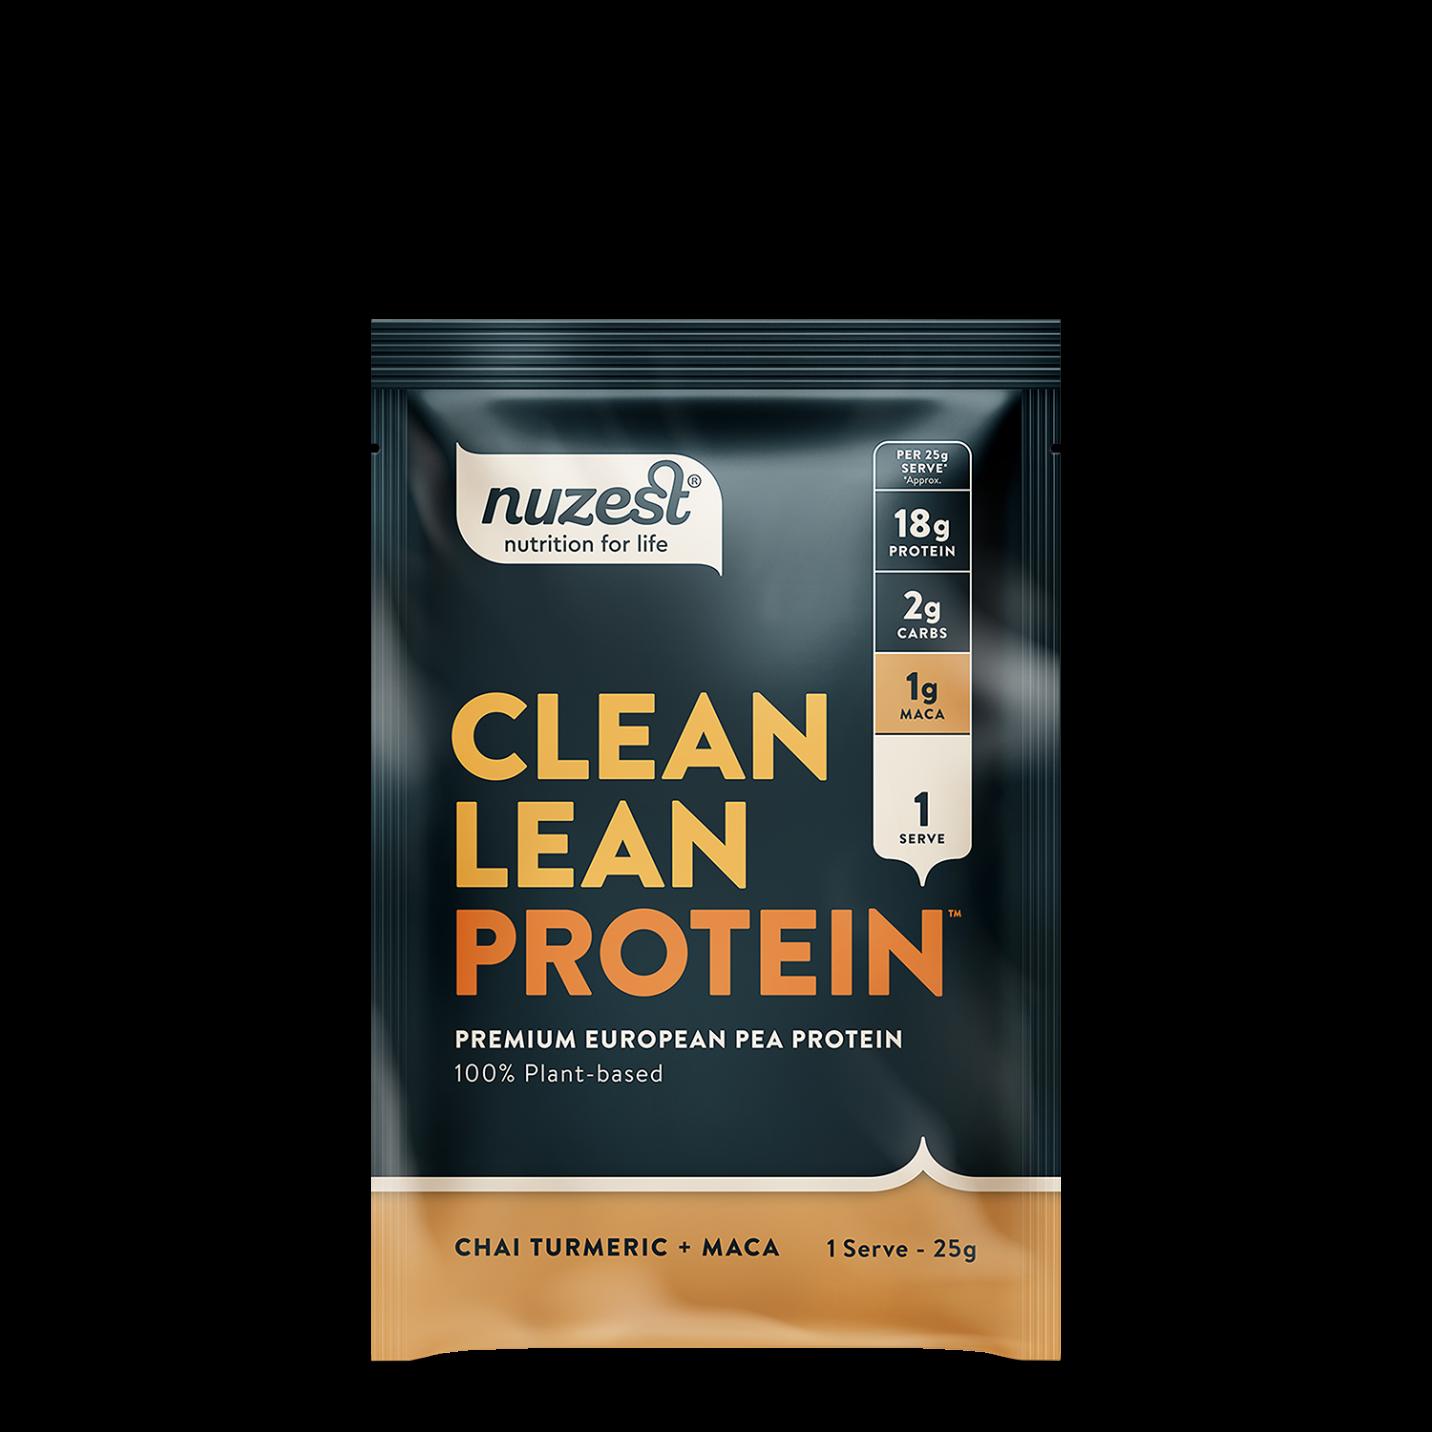 Clean Lean Protein Chai Turmeric + Maca 25g